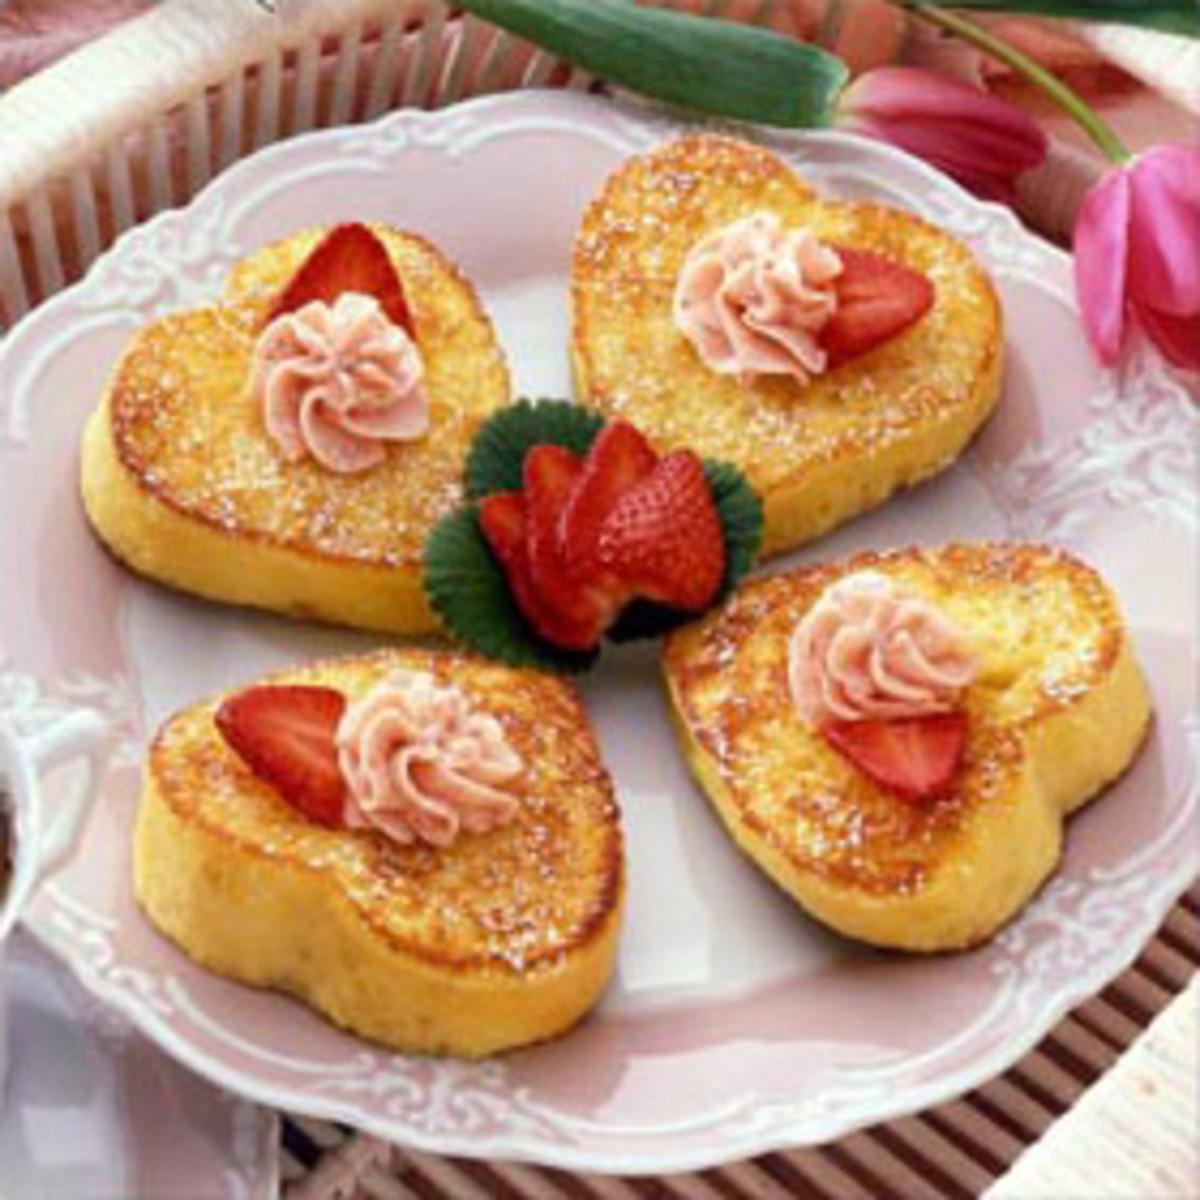 source - Valentines Day Breakfast Ideas